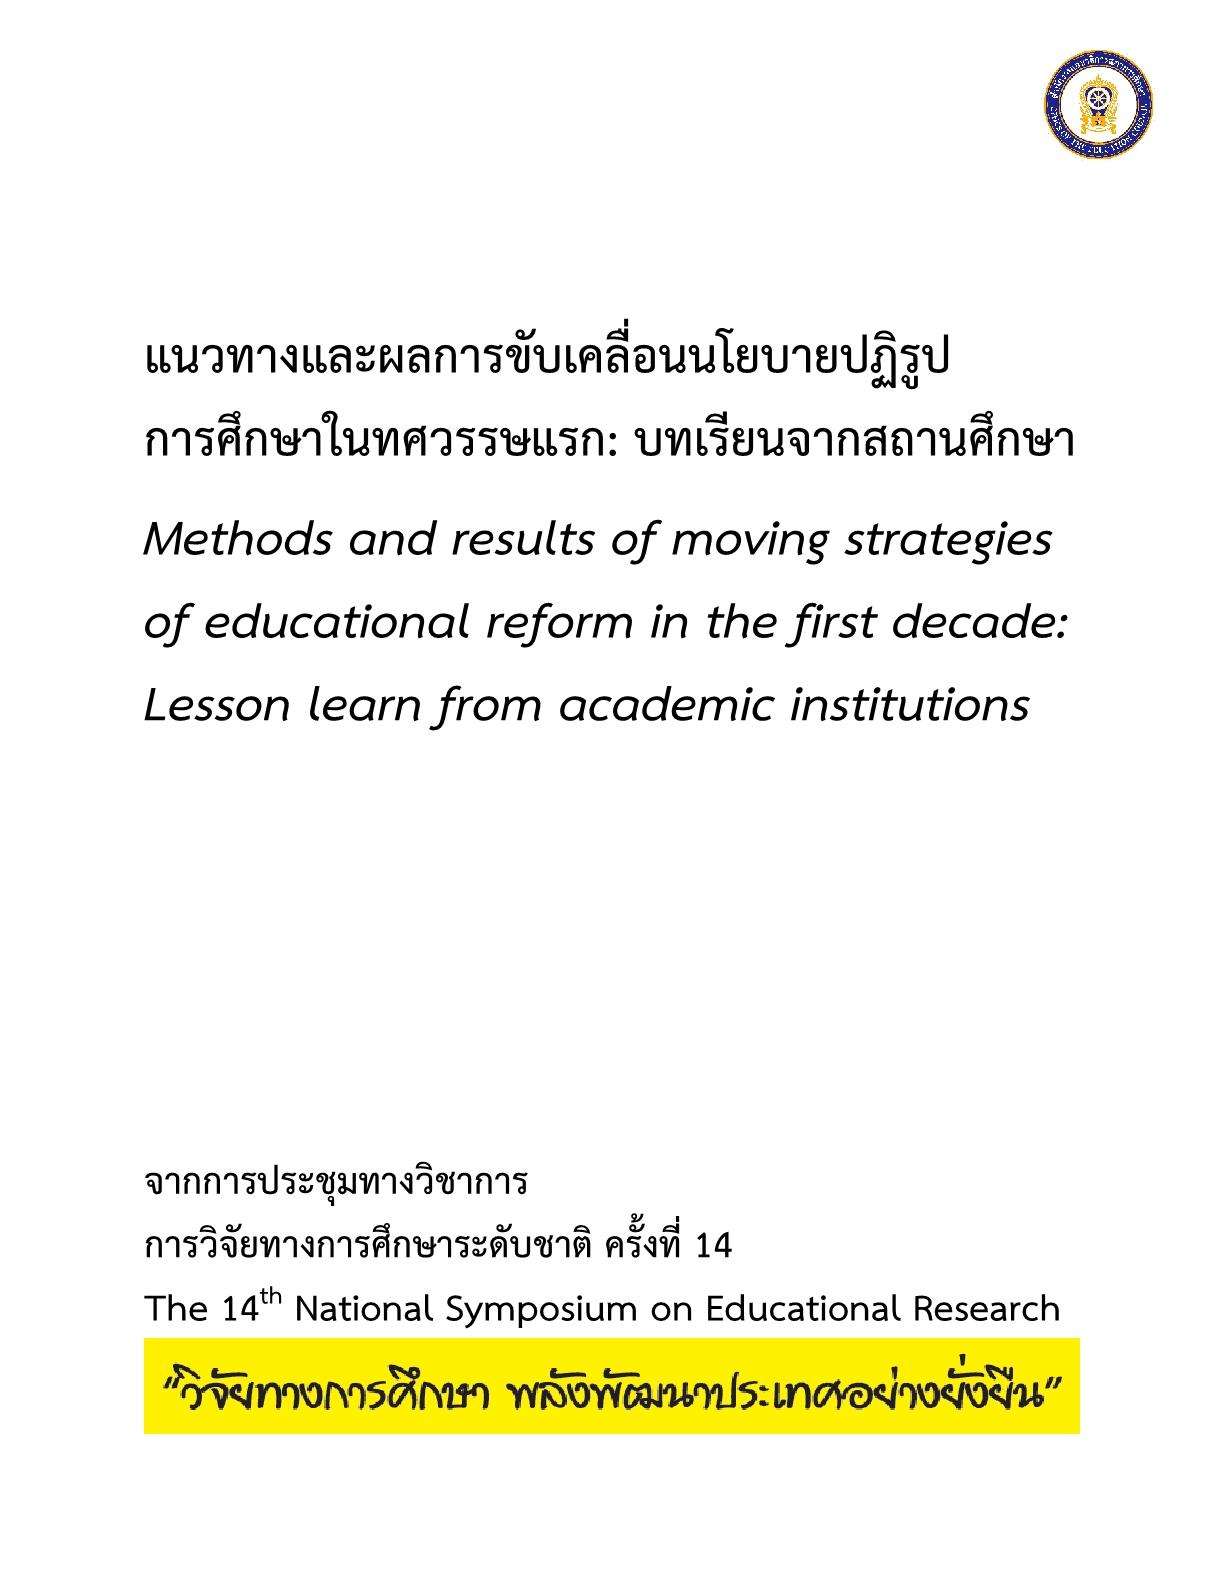 แนวทางและผลการขับเคลื่อนนโยบายปฏิรูปการศึกษาในทศวรรษแรก: บทเรียนจากสถานศึกษา